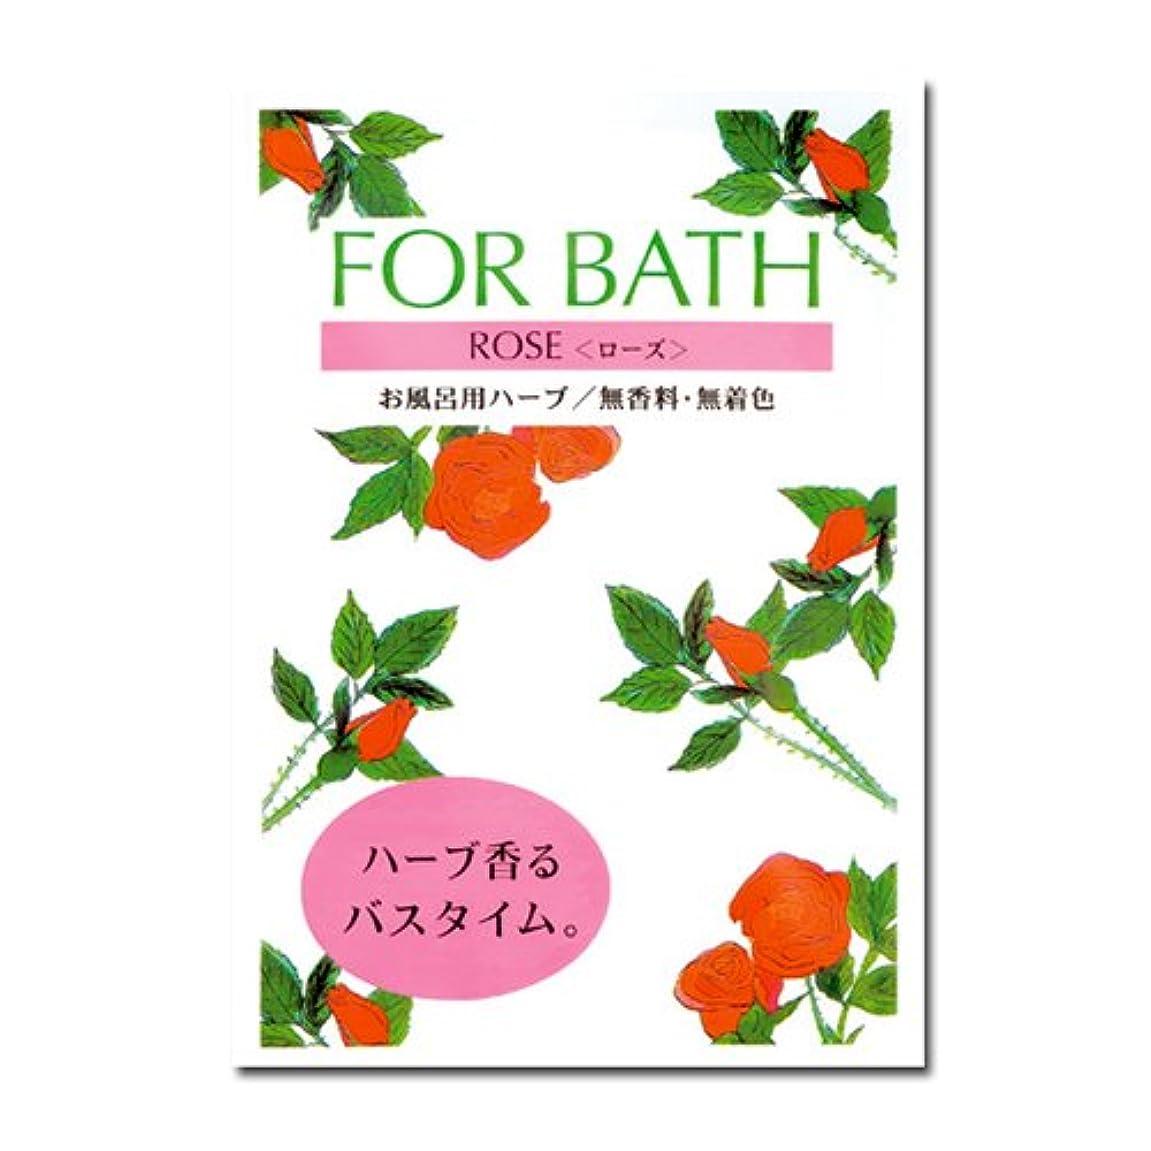 背骨クレデンシャル苦痛フォアバス ローズx30袋[フォアバス/入浴剤/ハーブ]